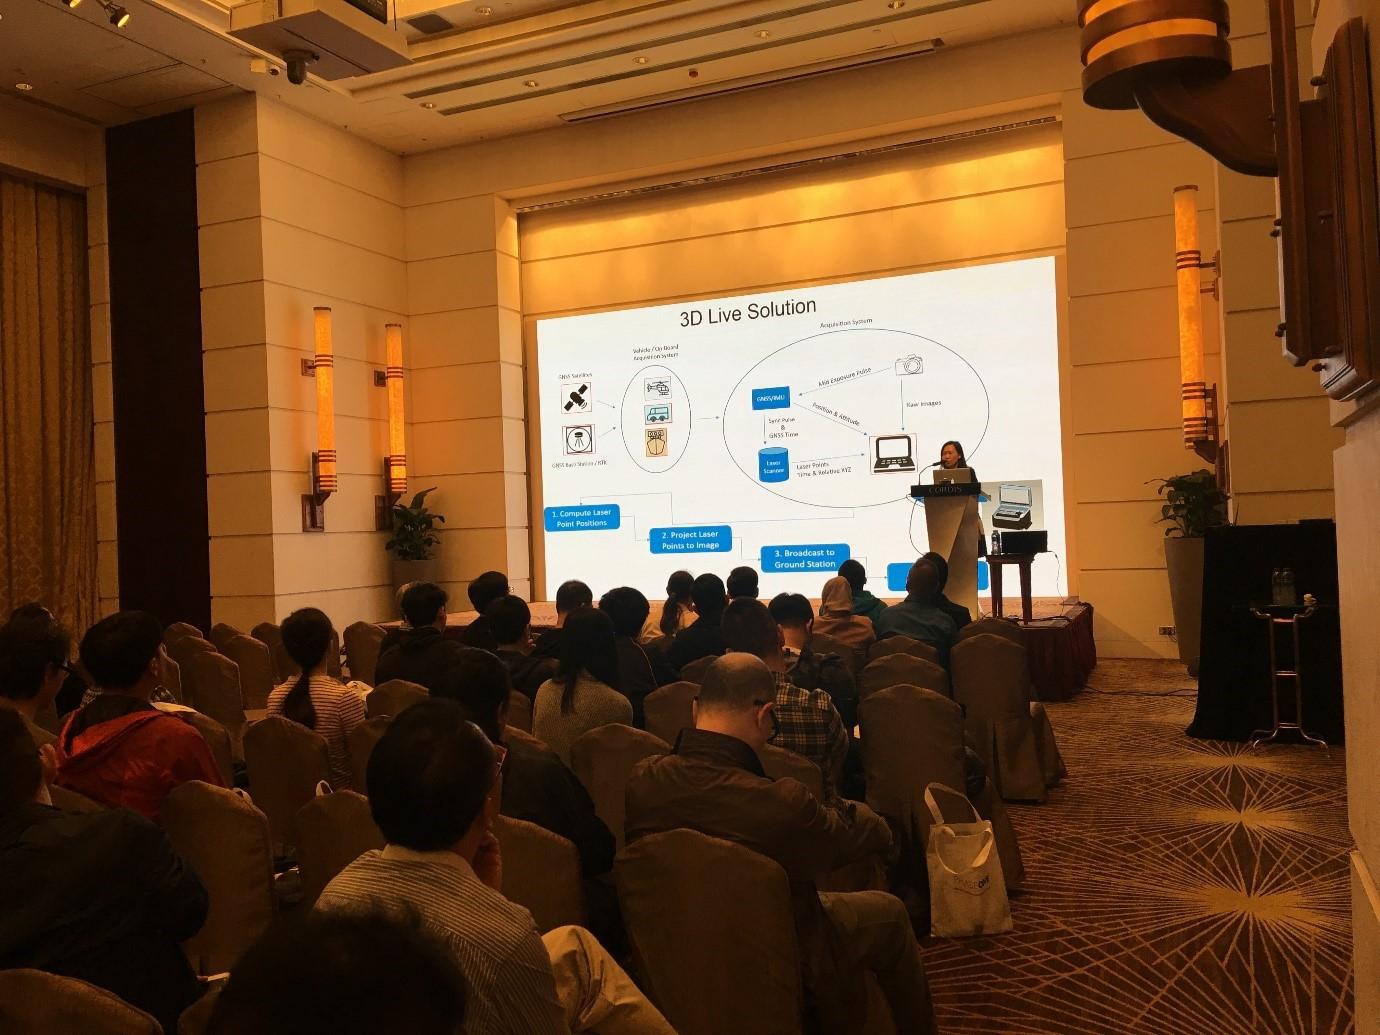 吉鸥参加2018香港三维地理信息技术峰会